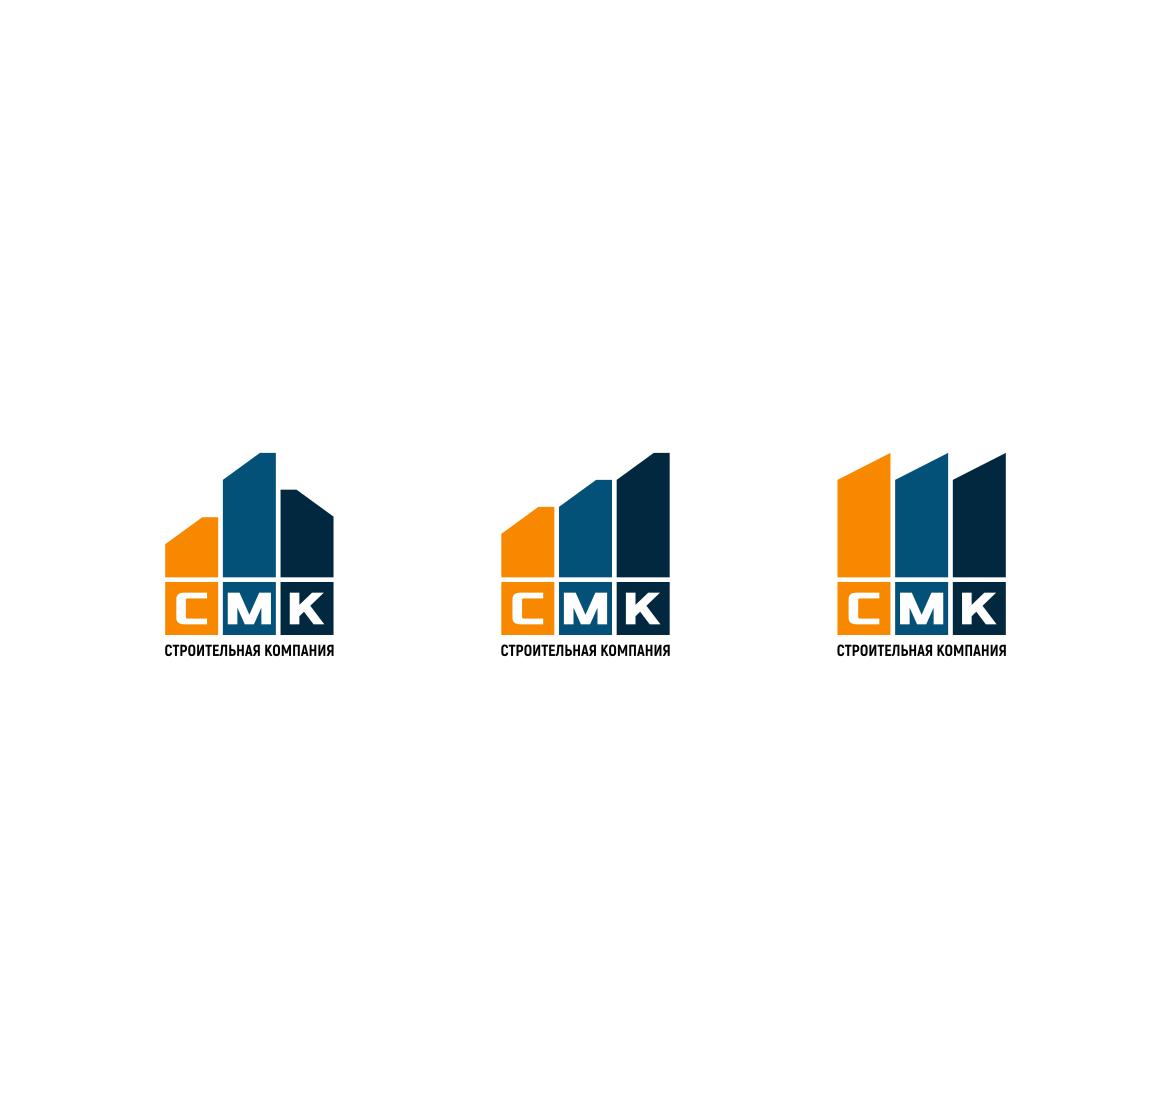 Разработка логотипа компании фото f_4875ddf8e71d115d.png